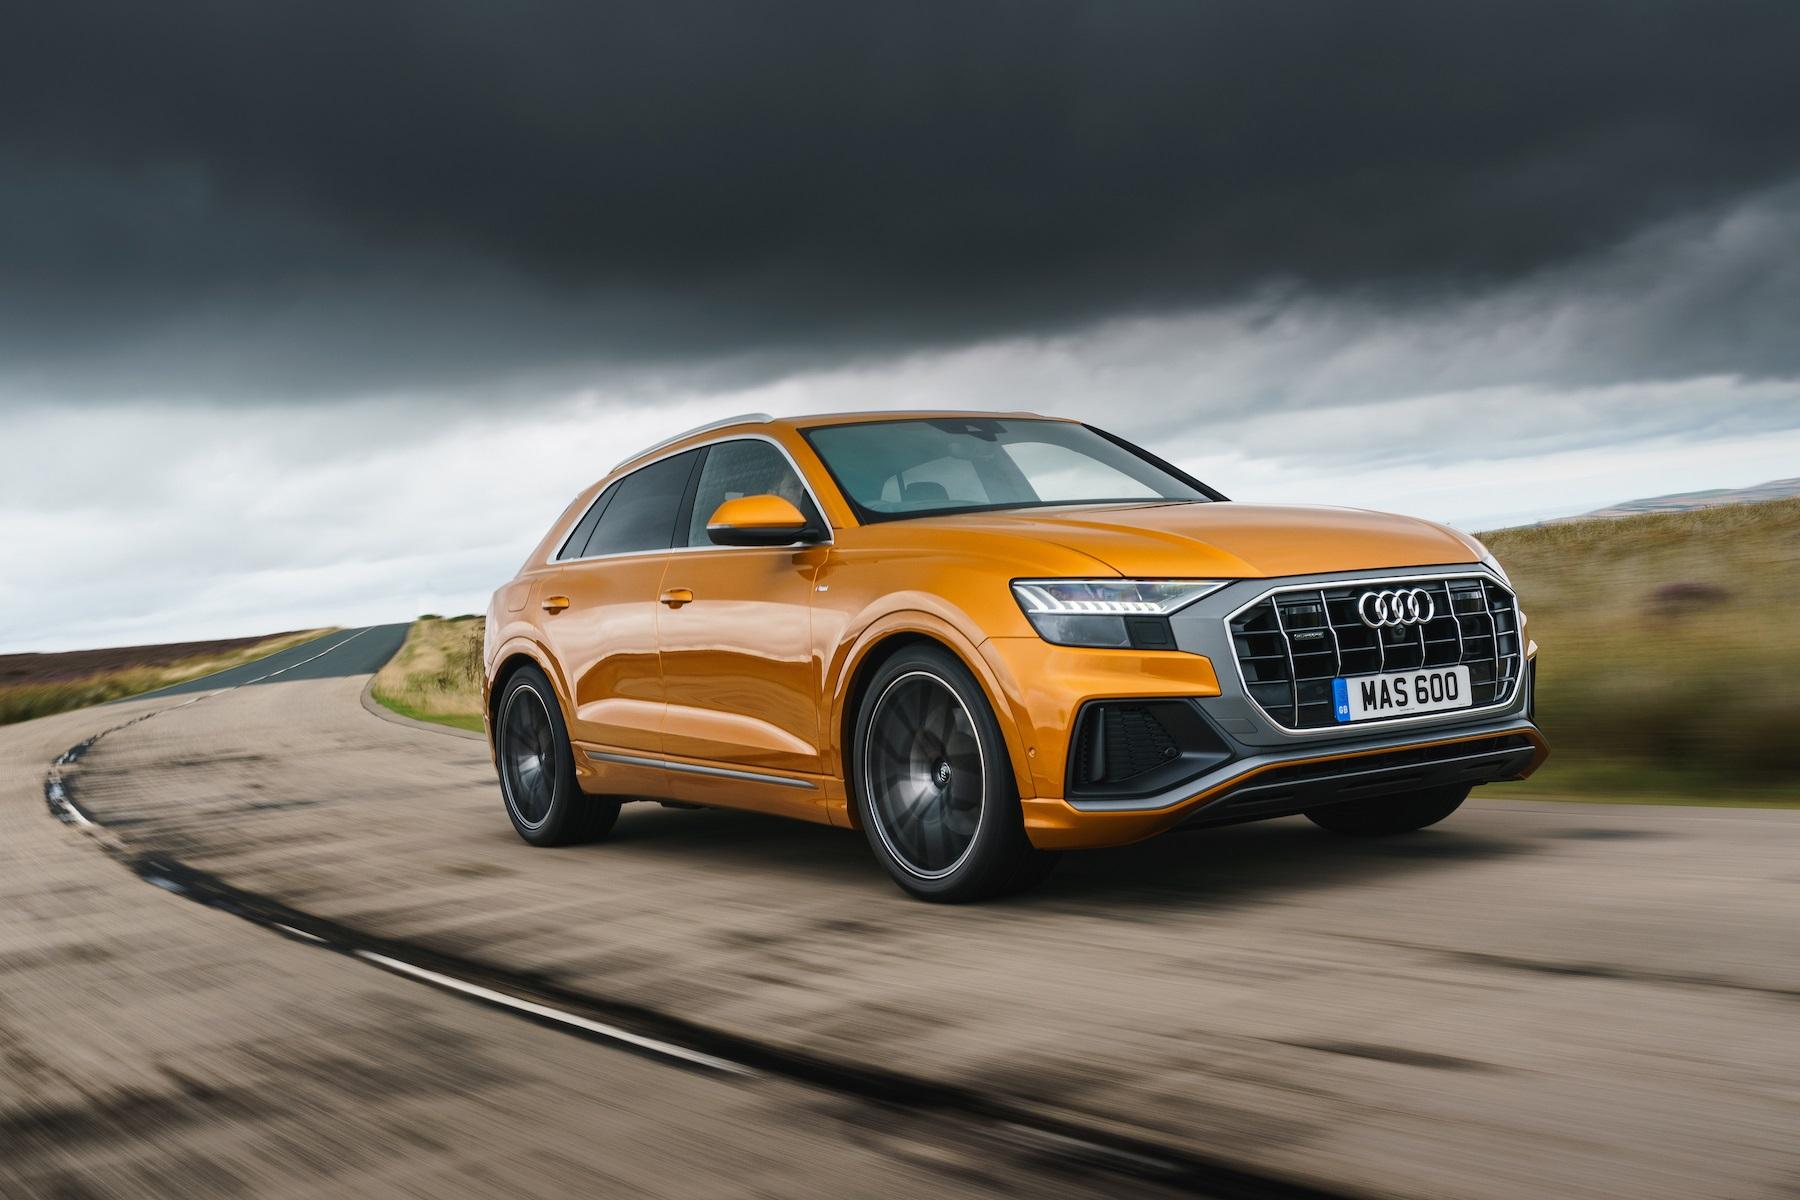 Orange Audi Q8 on the road